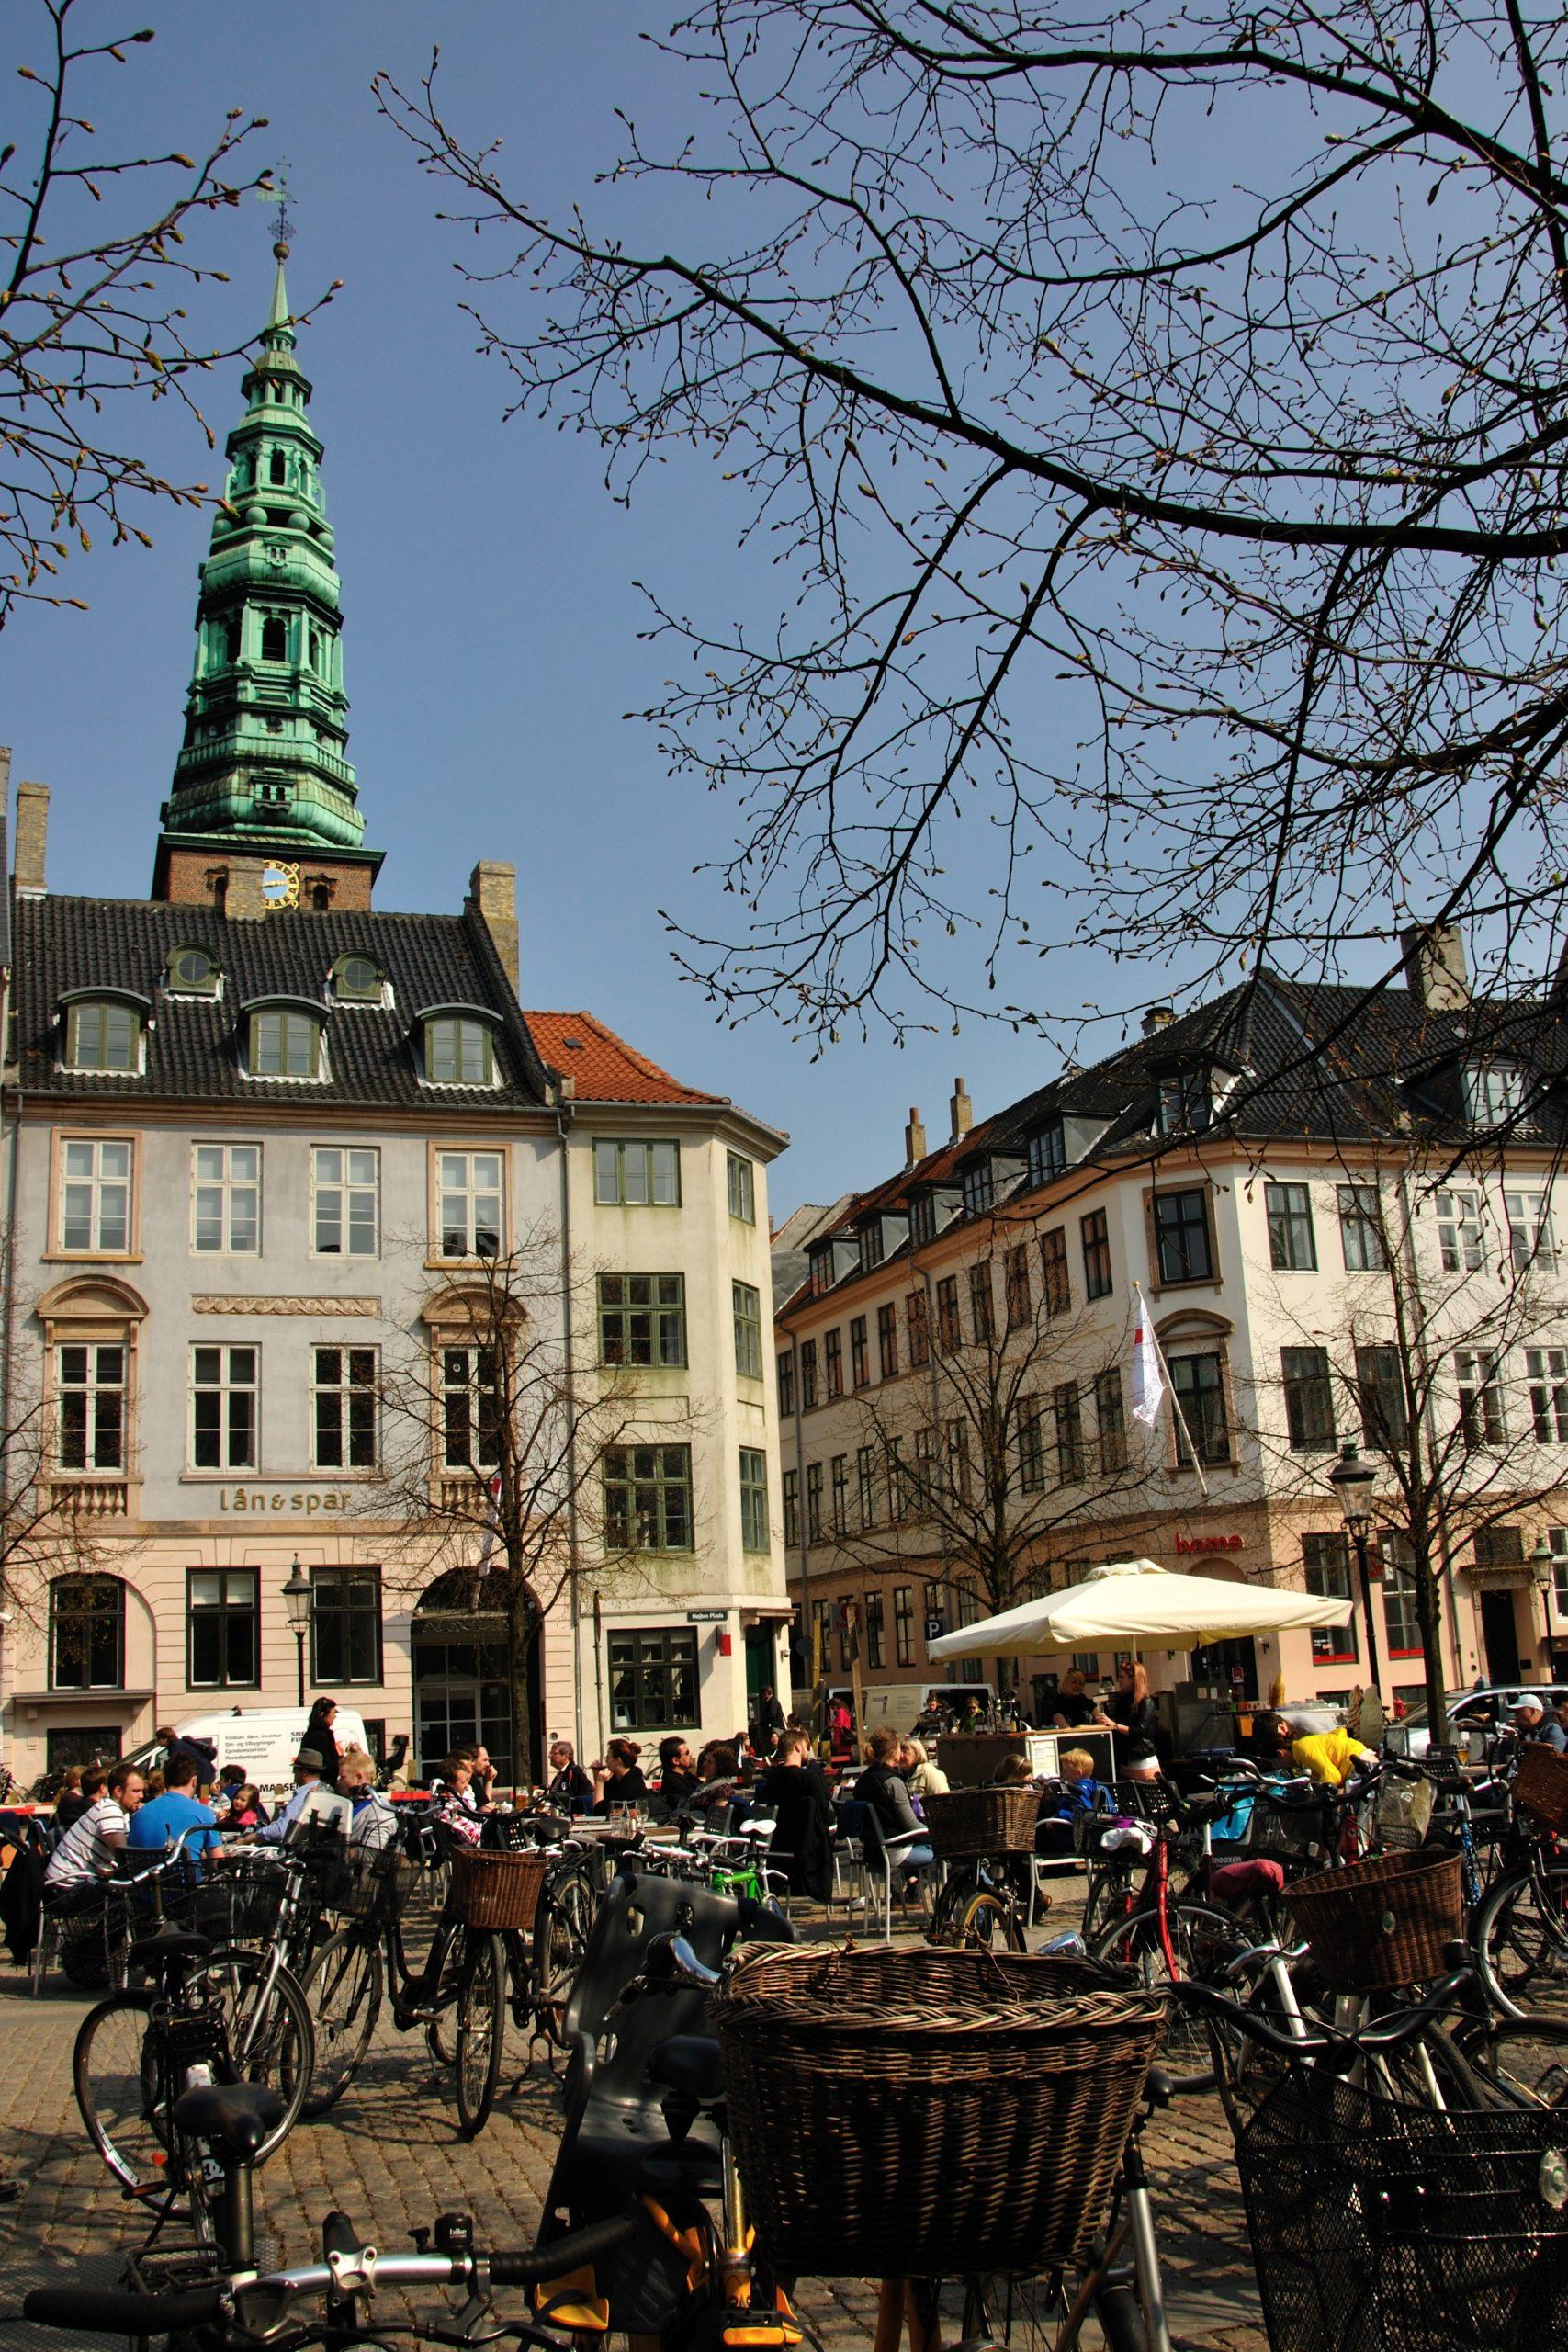 I dag herinde skal vi tale om ejendomsservice i København. Jeg er så glad for, at I er kommet forbi og vil høre om mine gode råd og tips. Det fungerer sådan, at I kan få en vicevært